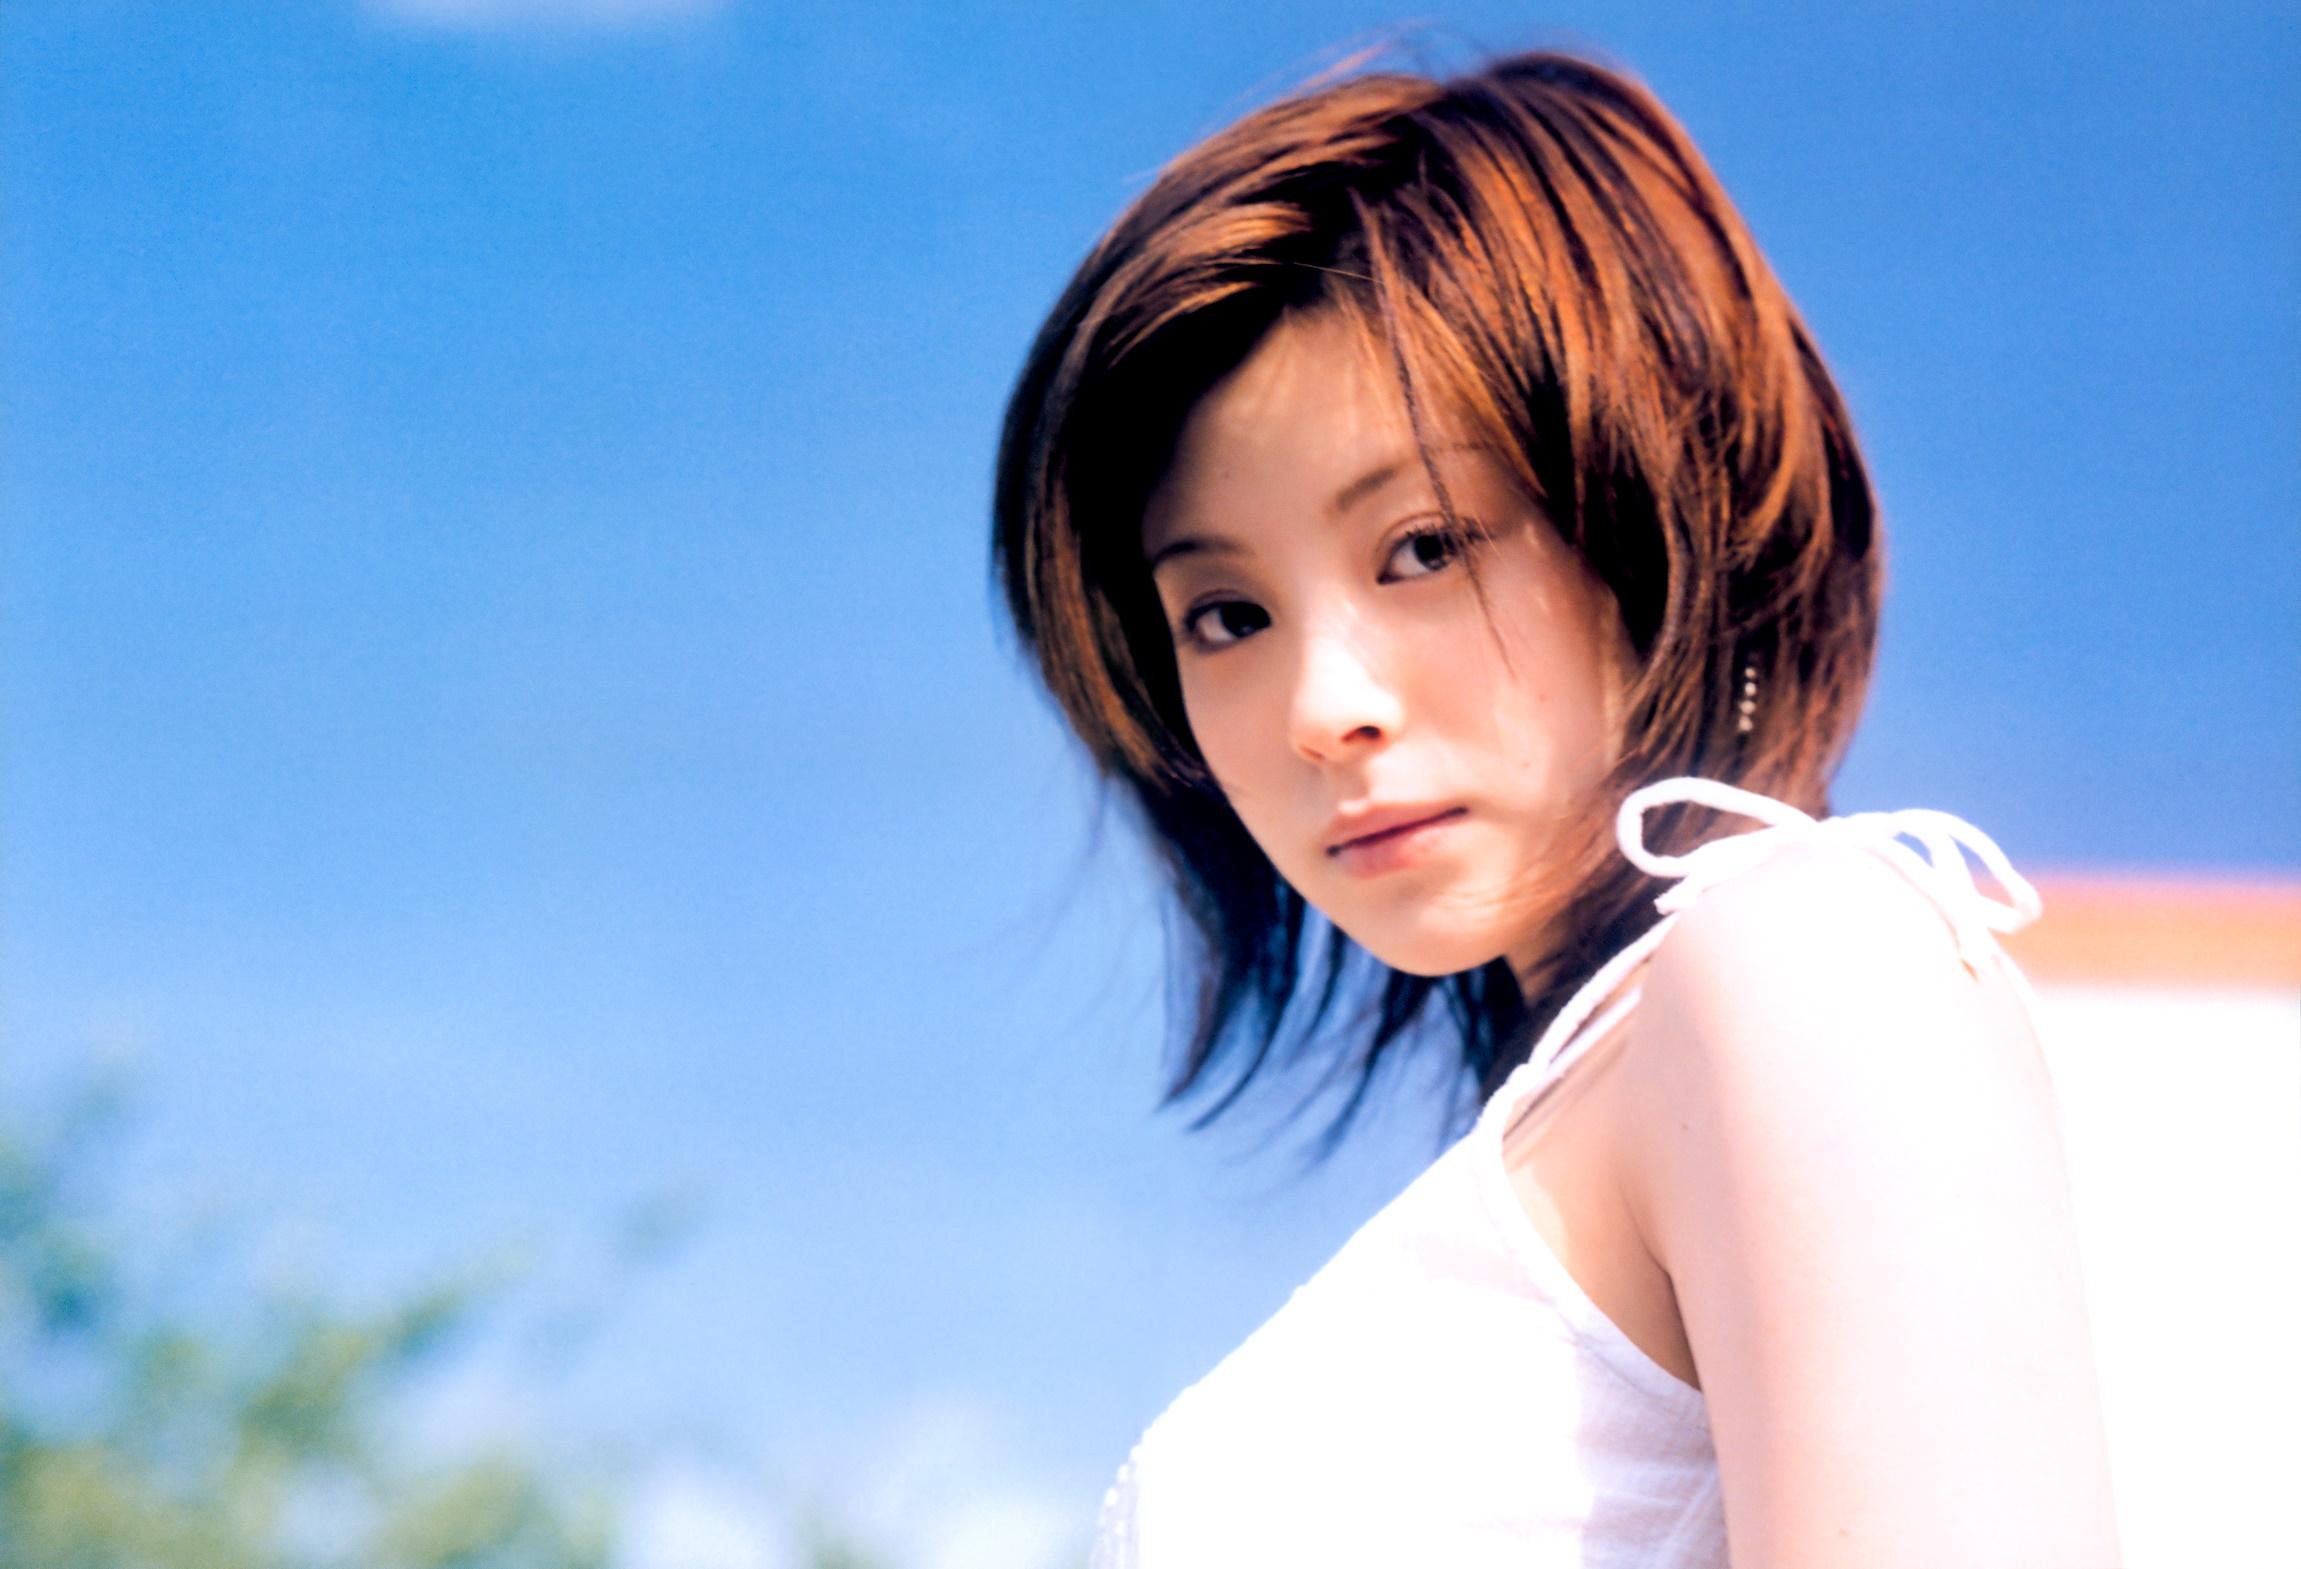 Aya Matsuura net worth